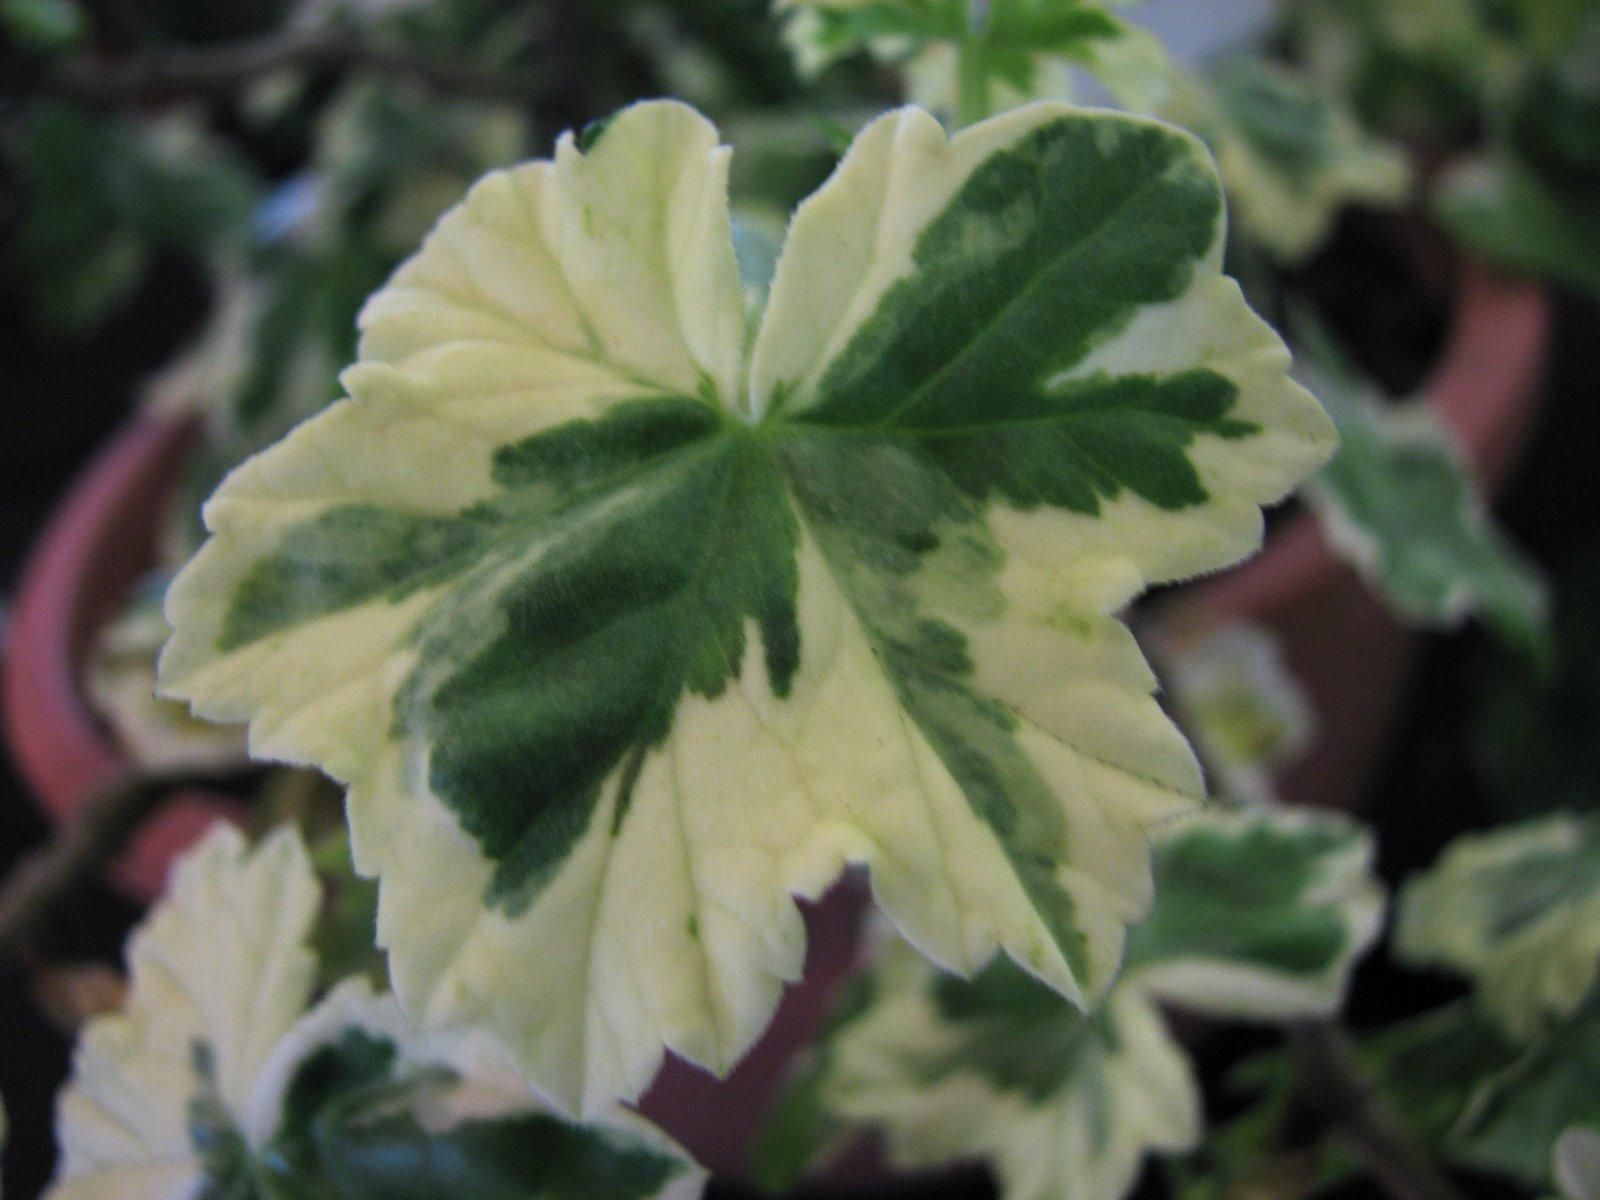 Plant Photography: Variegated Pelargonium Geranium Leaf